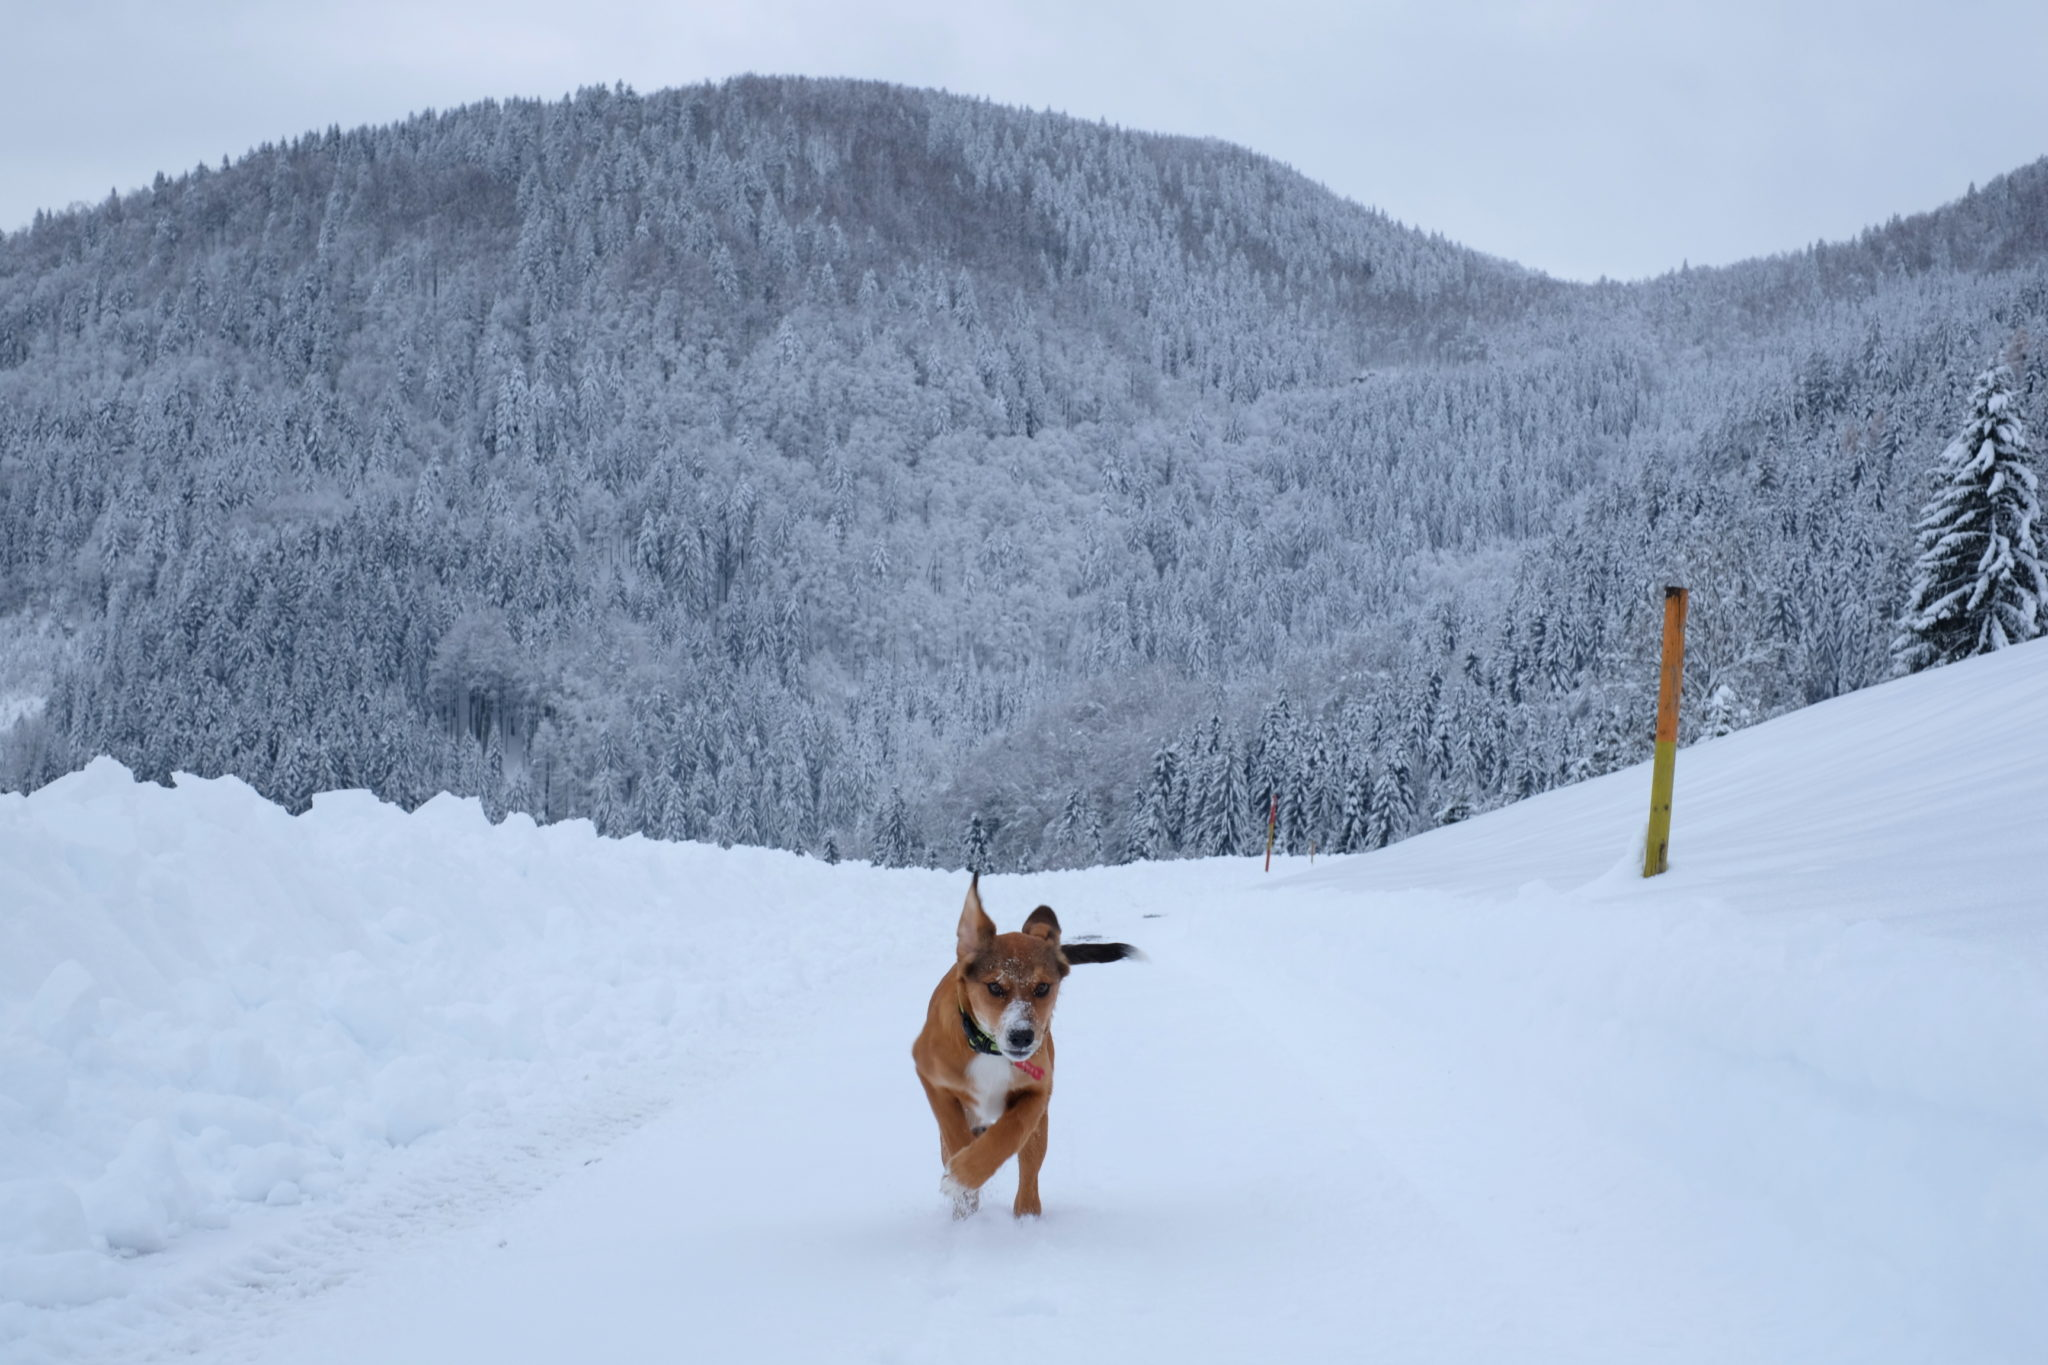 A puppy having fun in the mountains, Slovenia, Škofja Loka